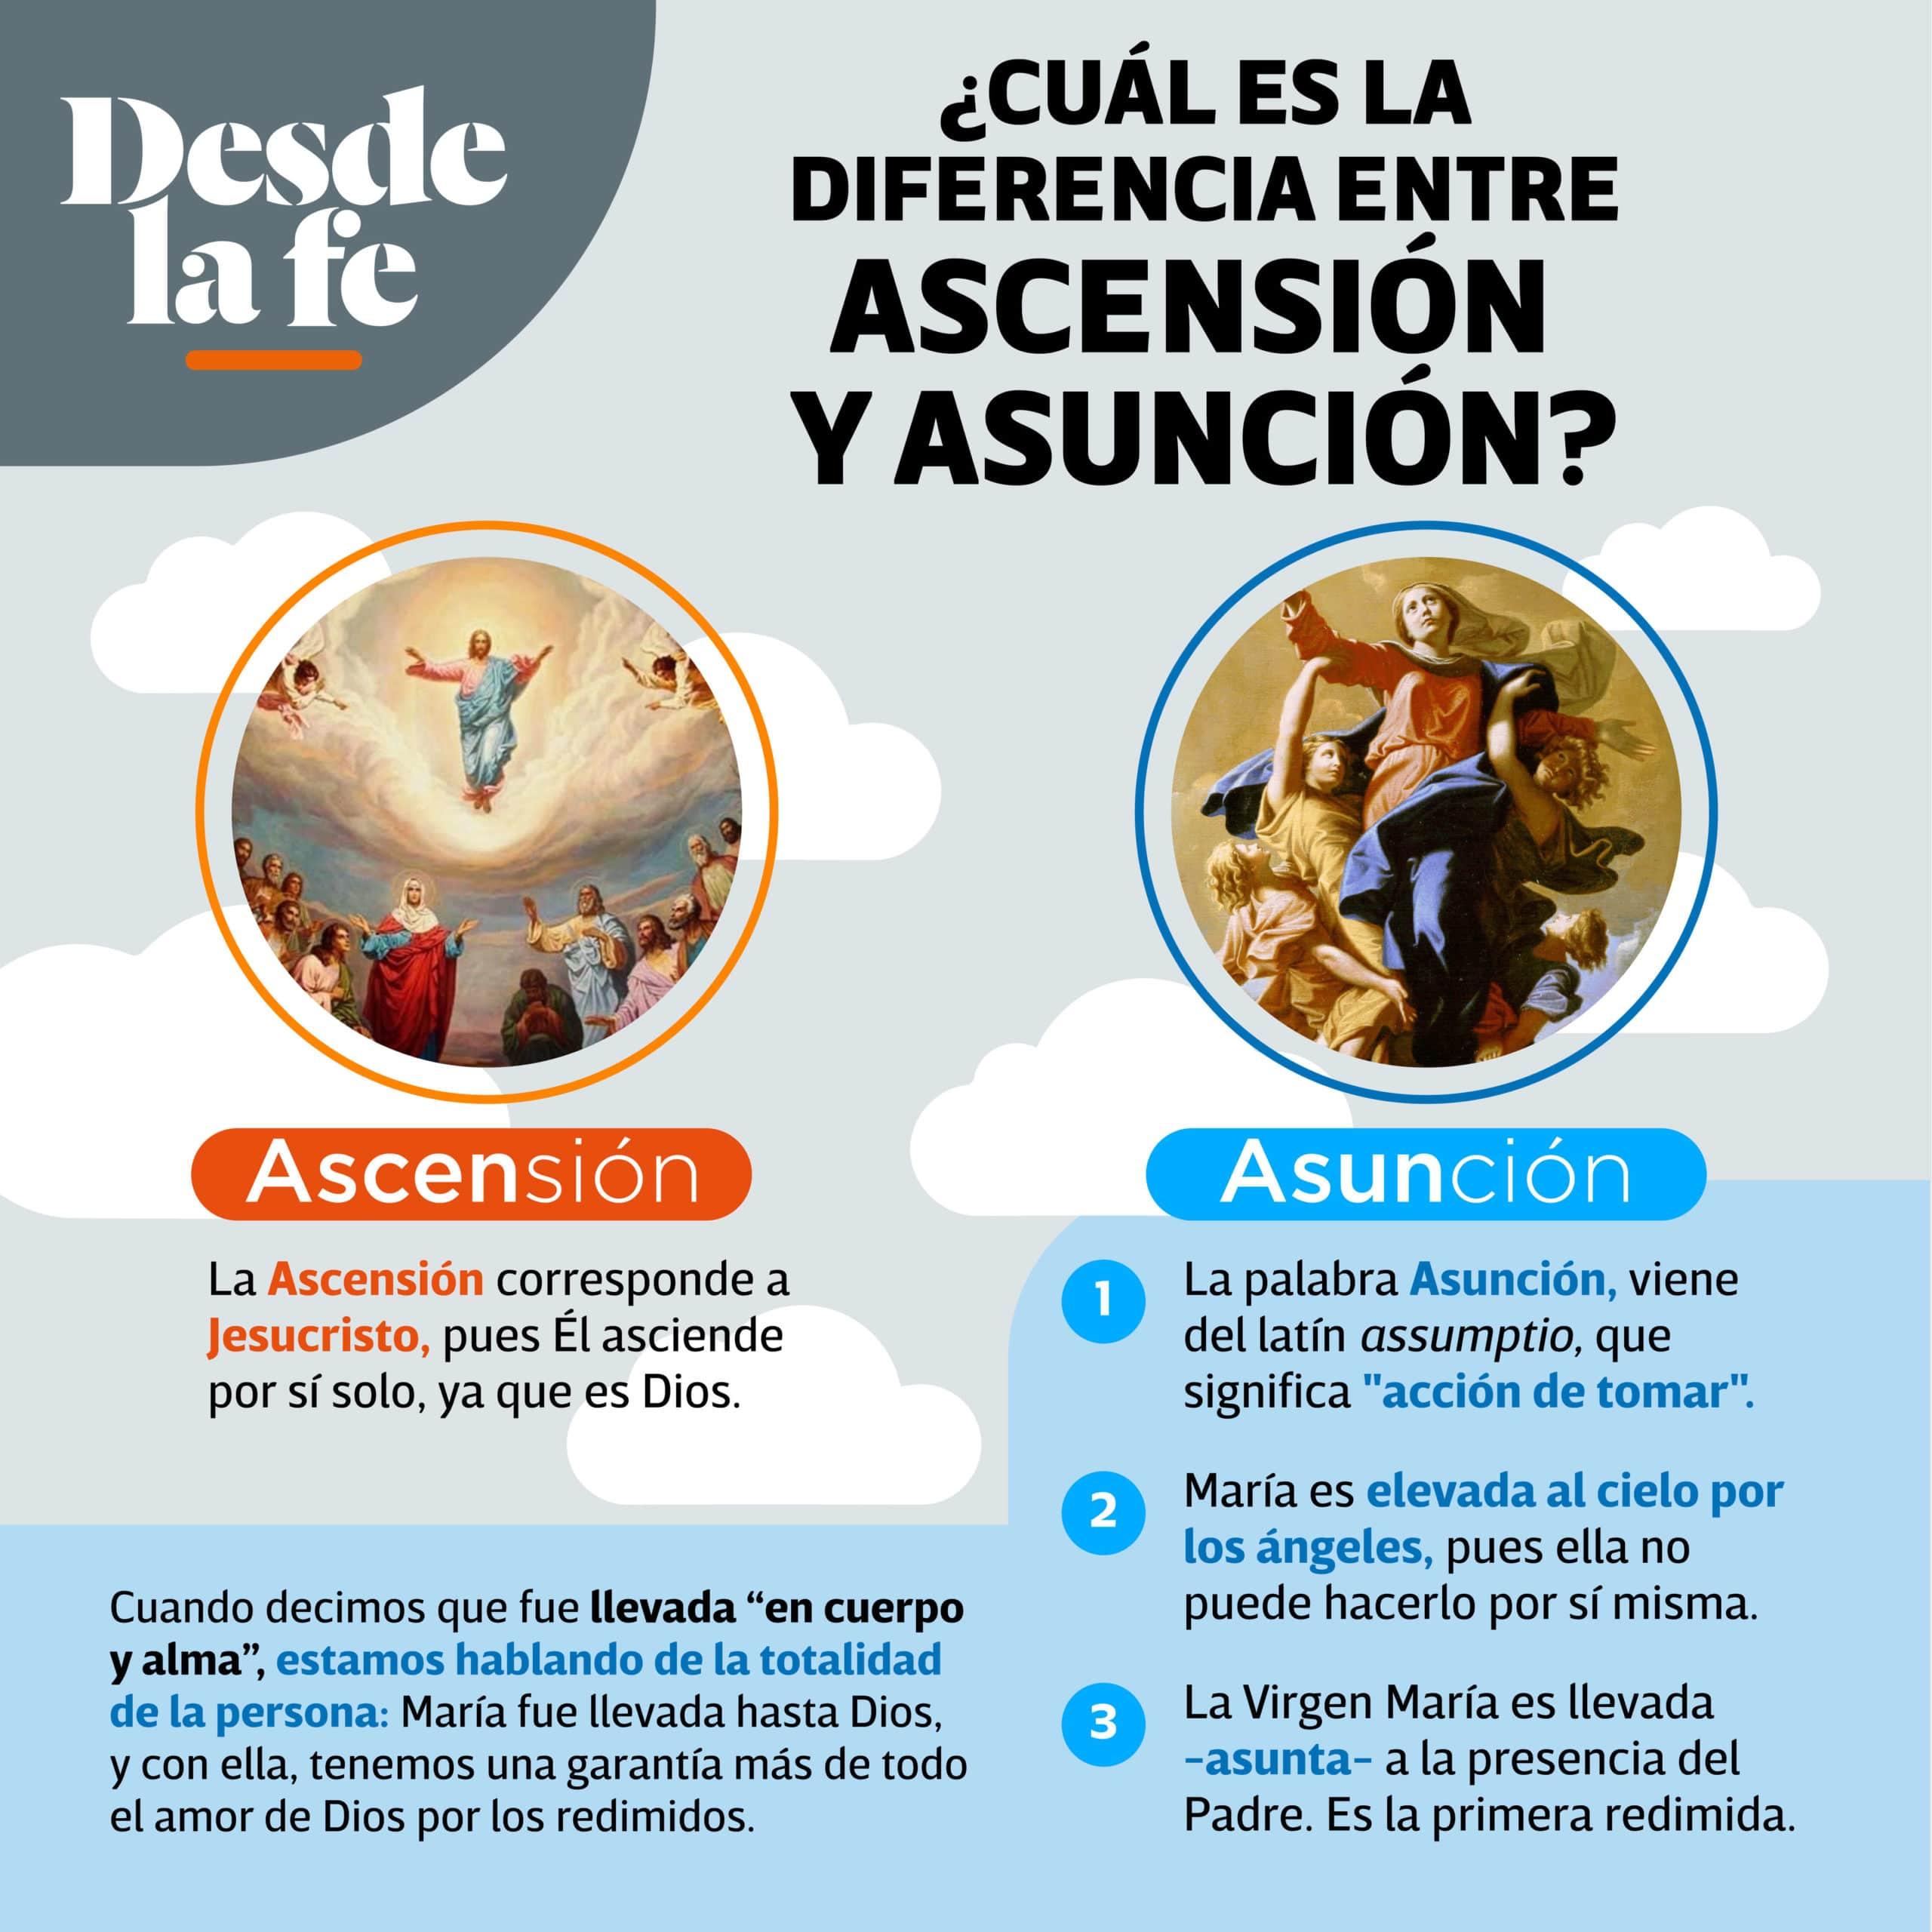 Diferencia entre Ascensión y Asunción.